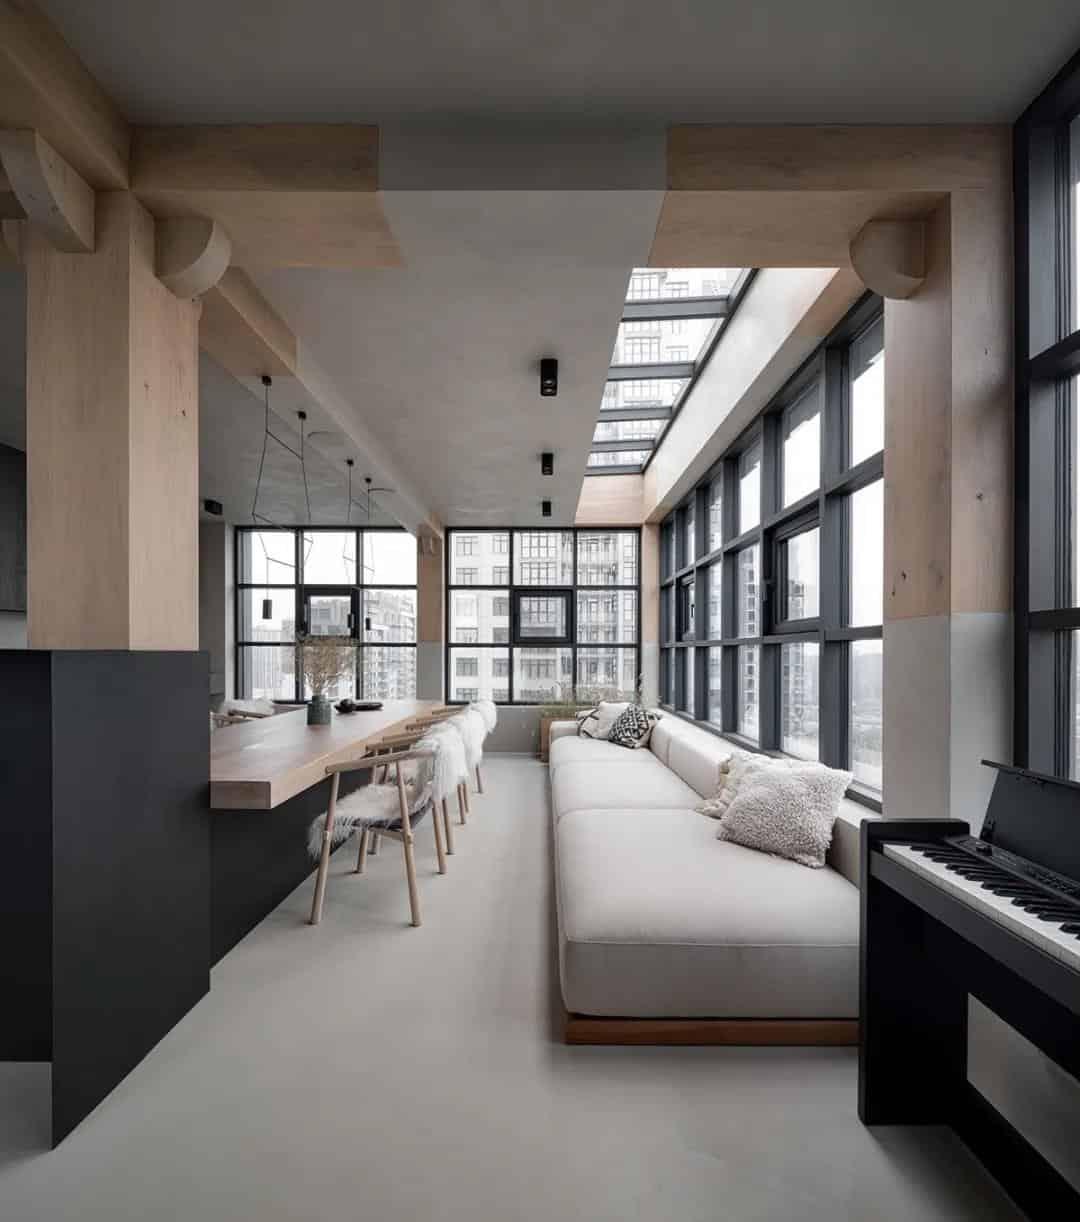 僅適用水泥、木料、金屬,卻打造了一座超時髦的豪宅室內設計